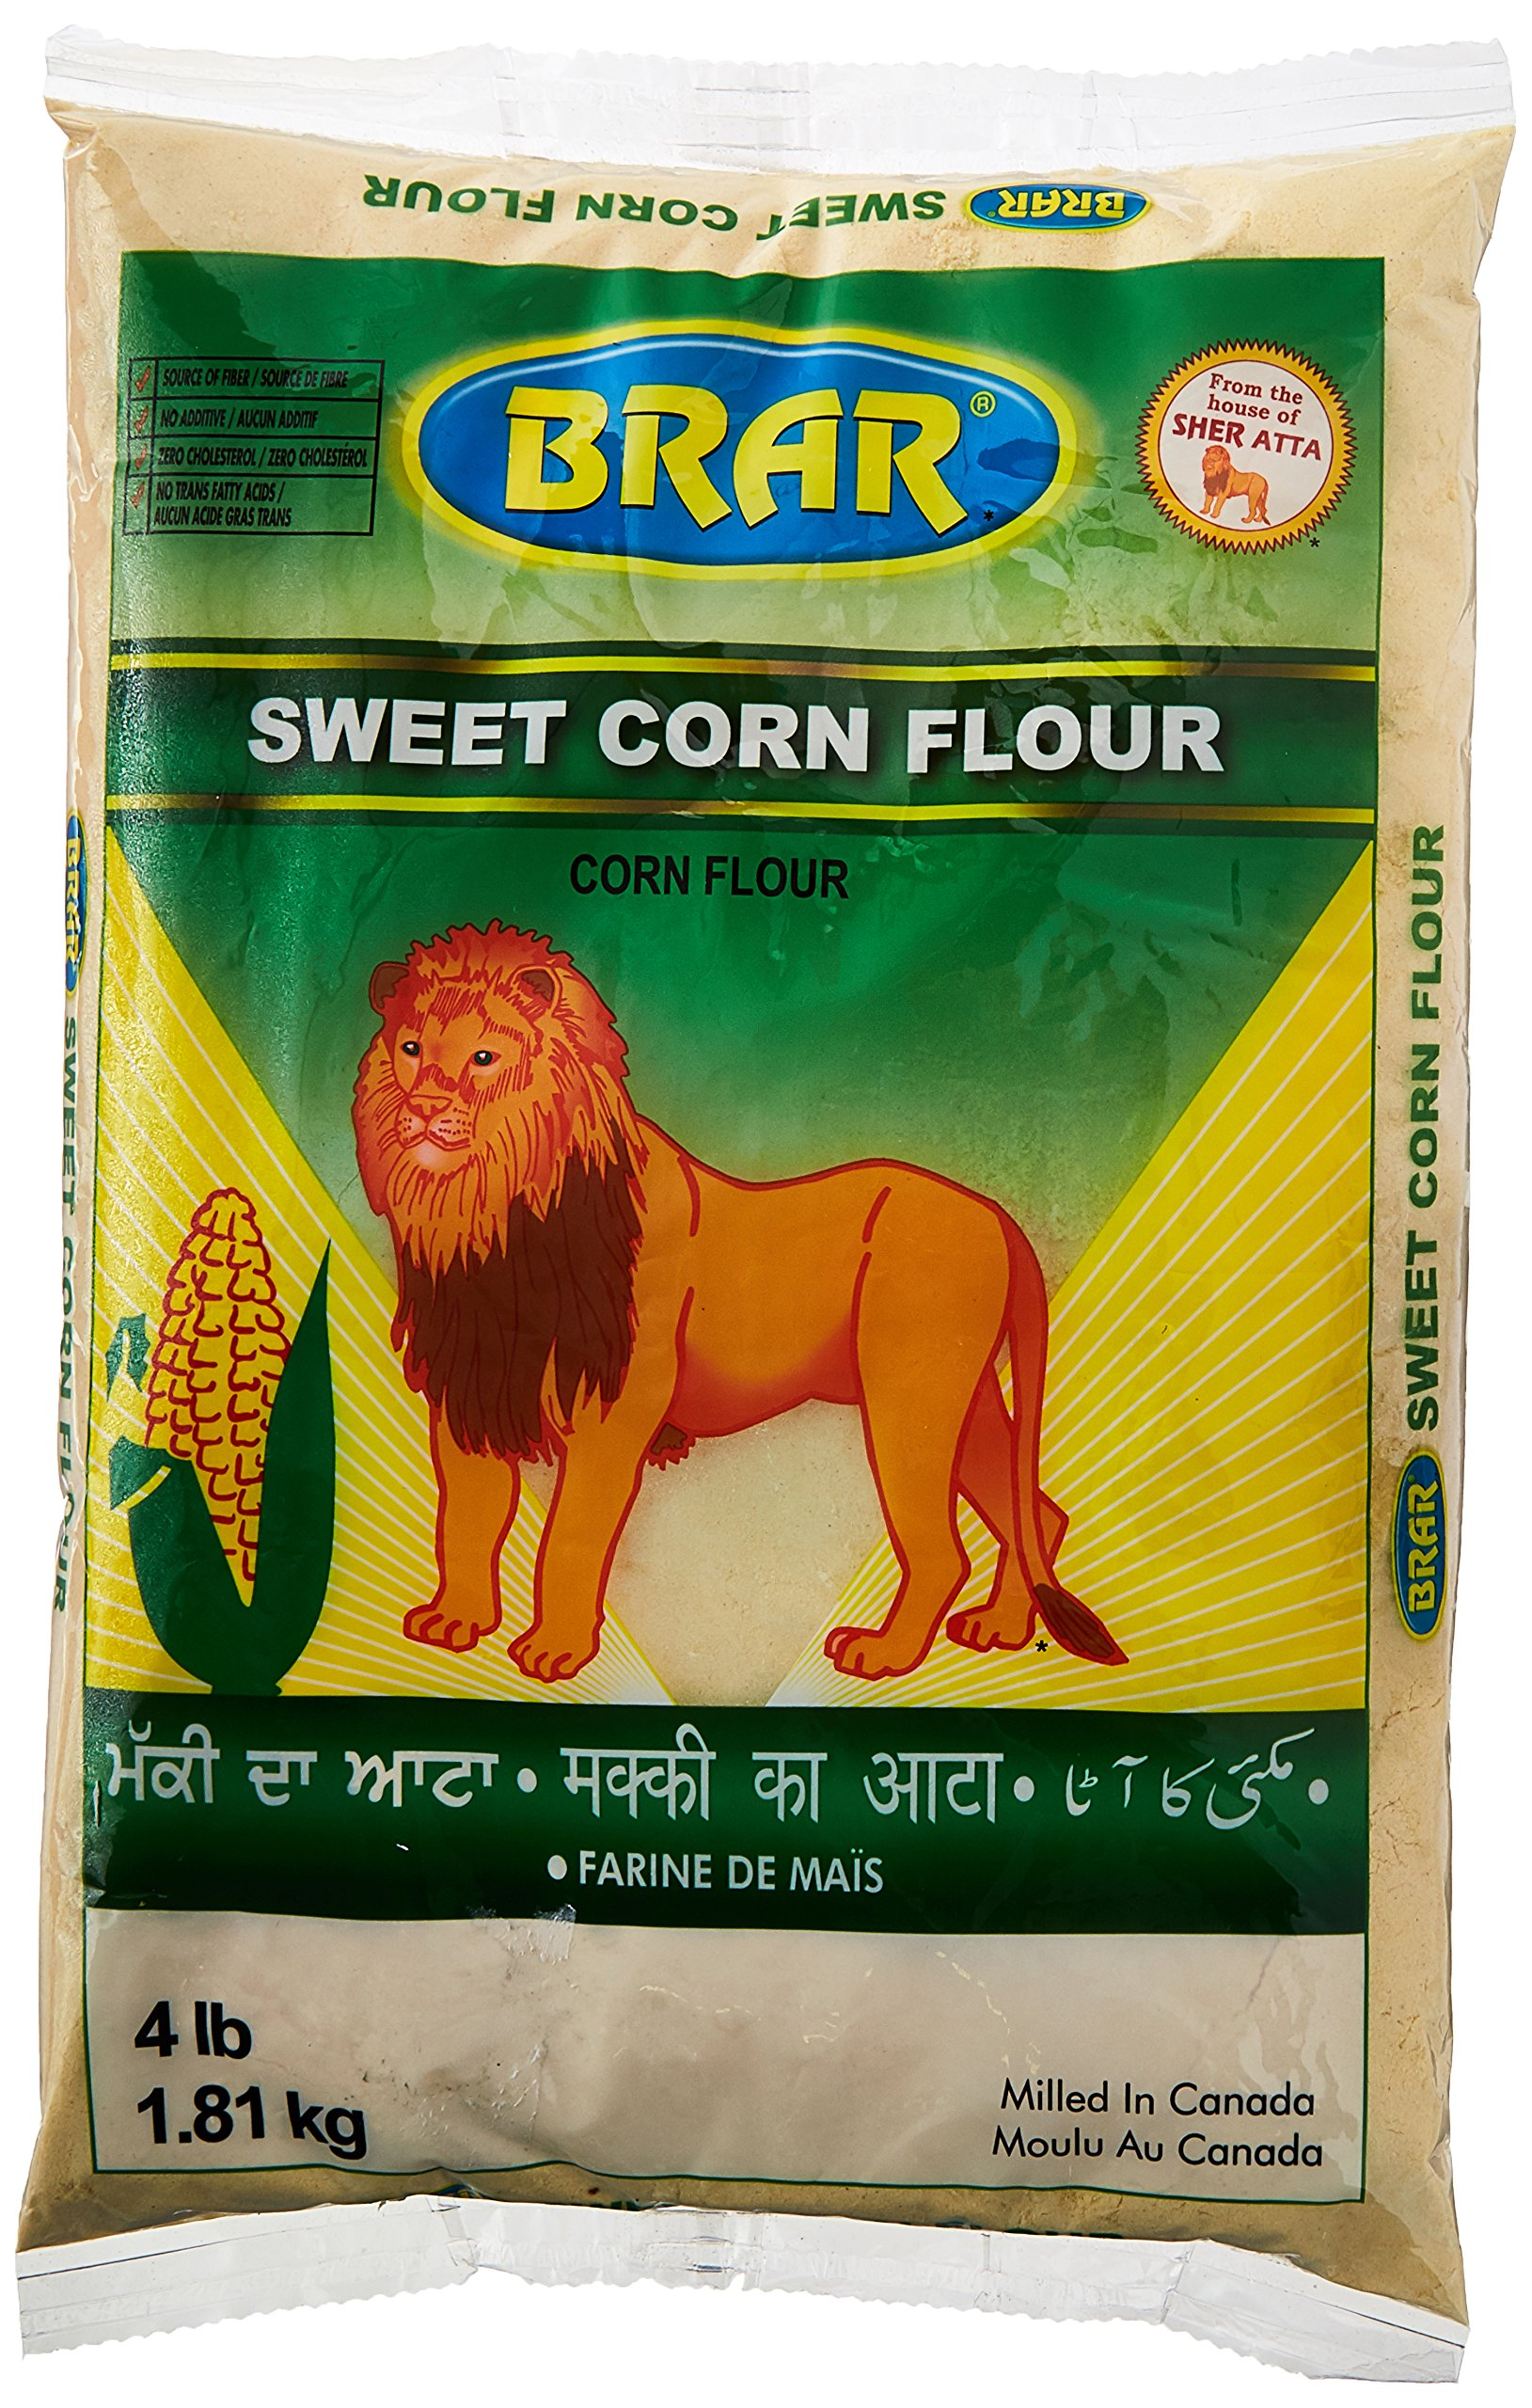 Sweet Corn Flour (4 lb, 1.81 kg)